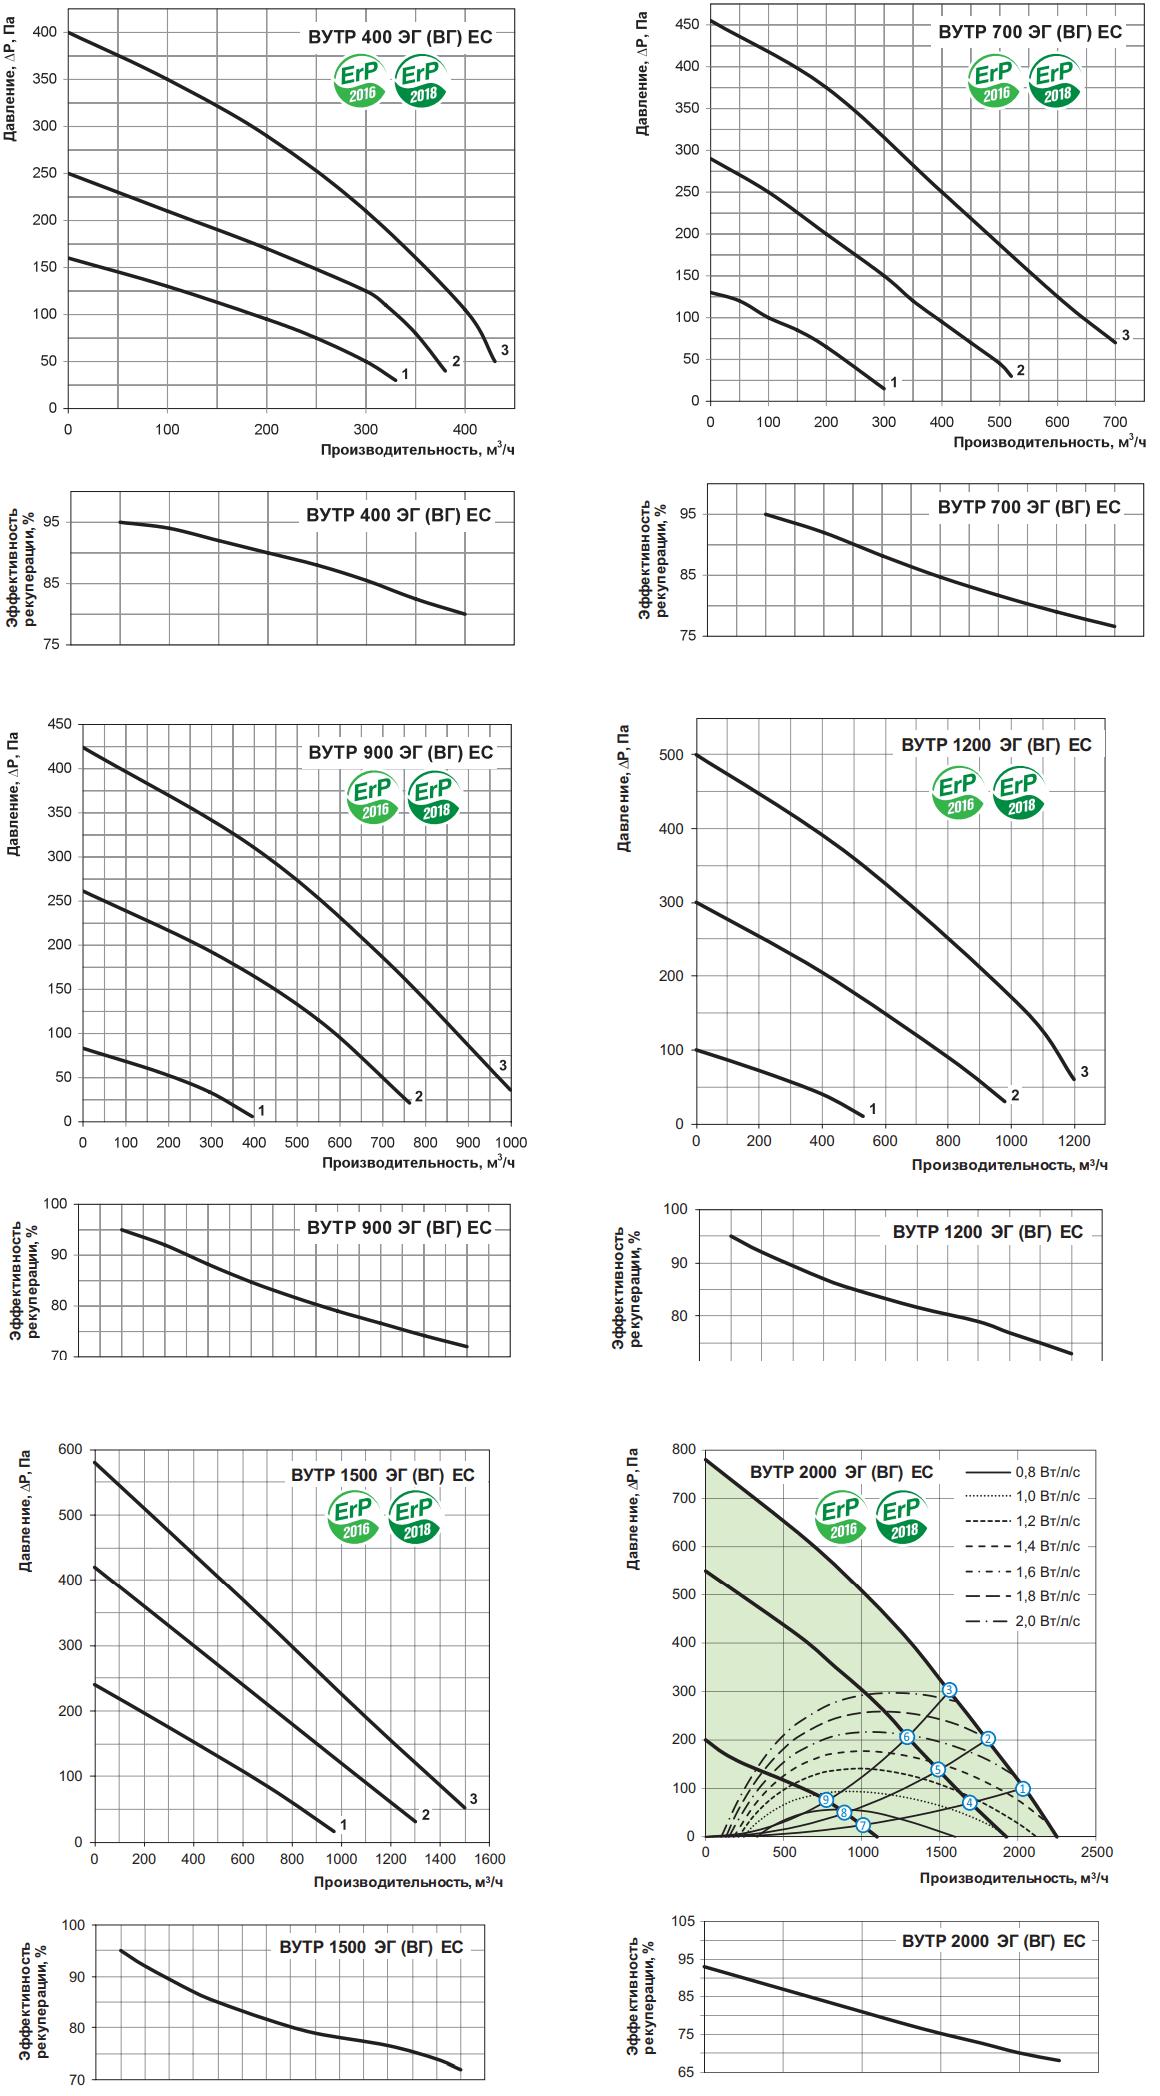 Приточно-вытяжная установка Вентс ВУТР ЭГ/ВГ ЕС - Аэродинамические характеристики